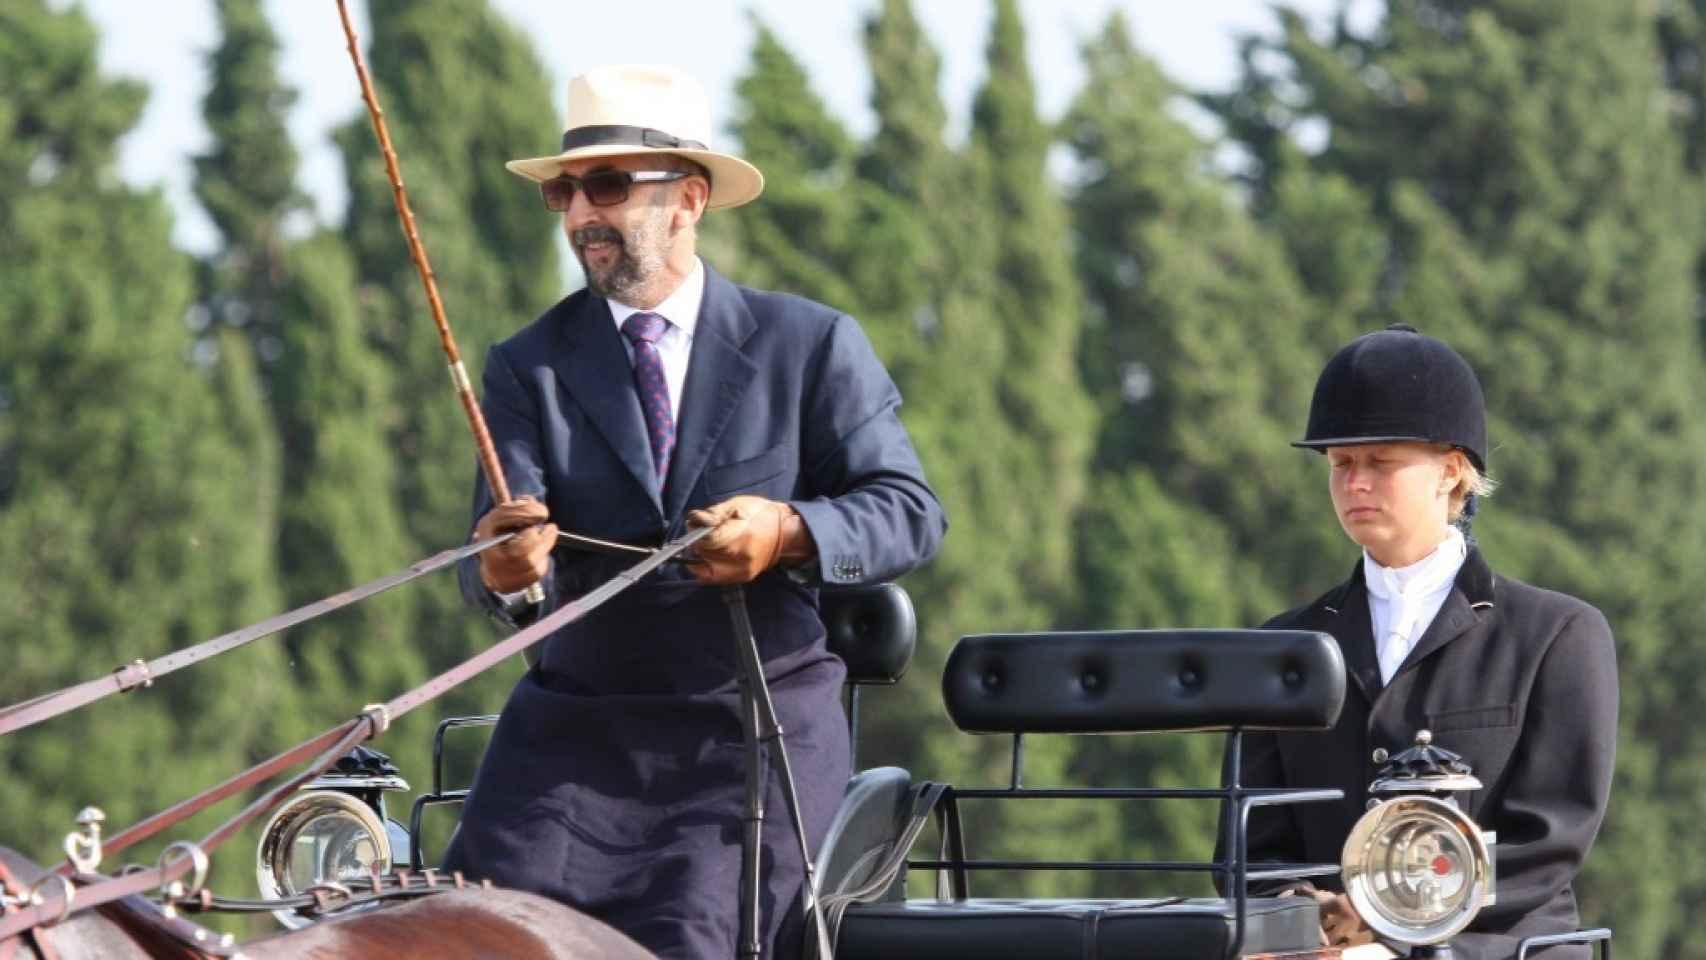 Ernesto Colman, en una competición de enganche.